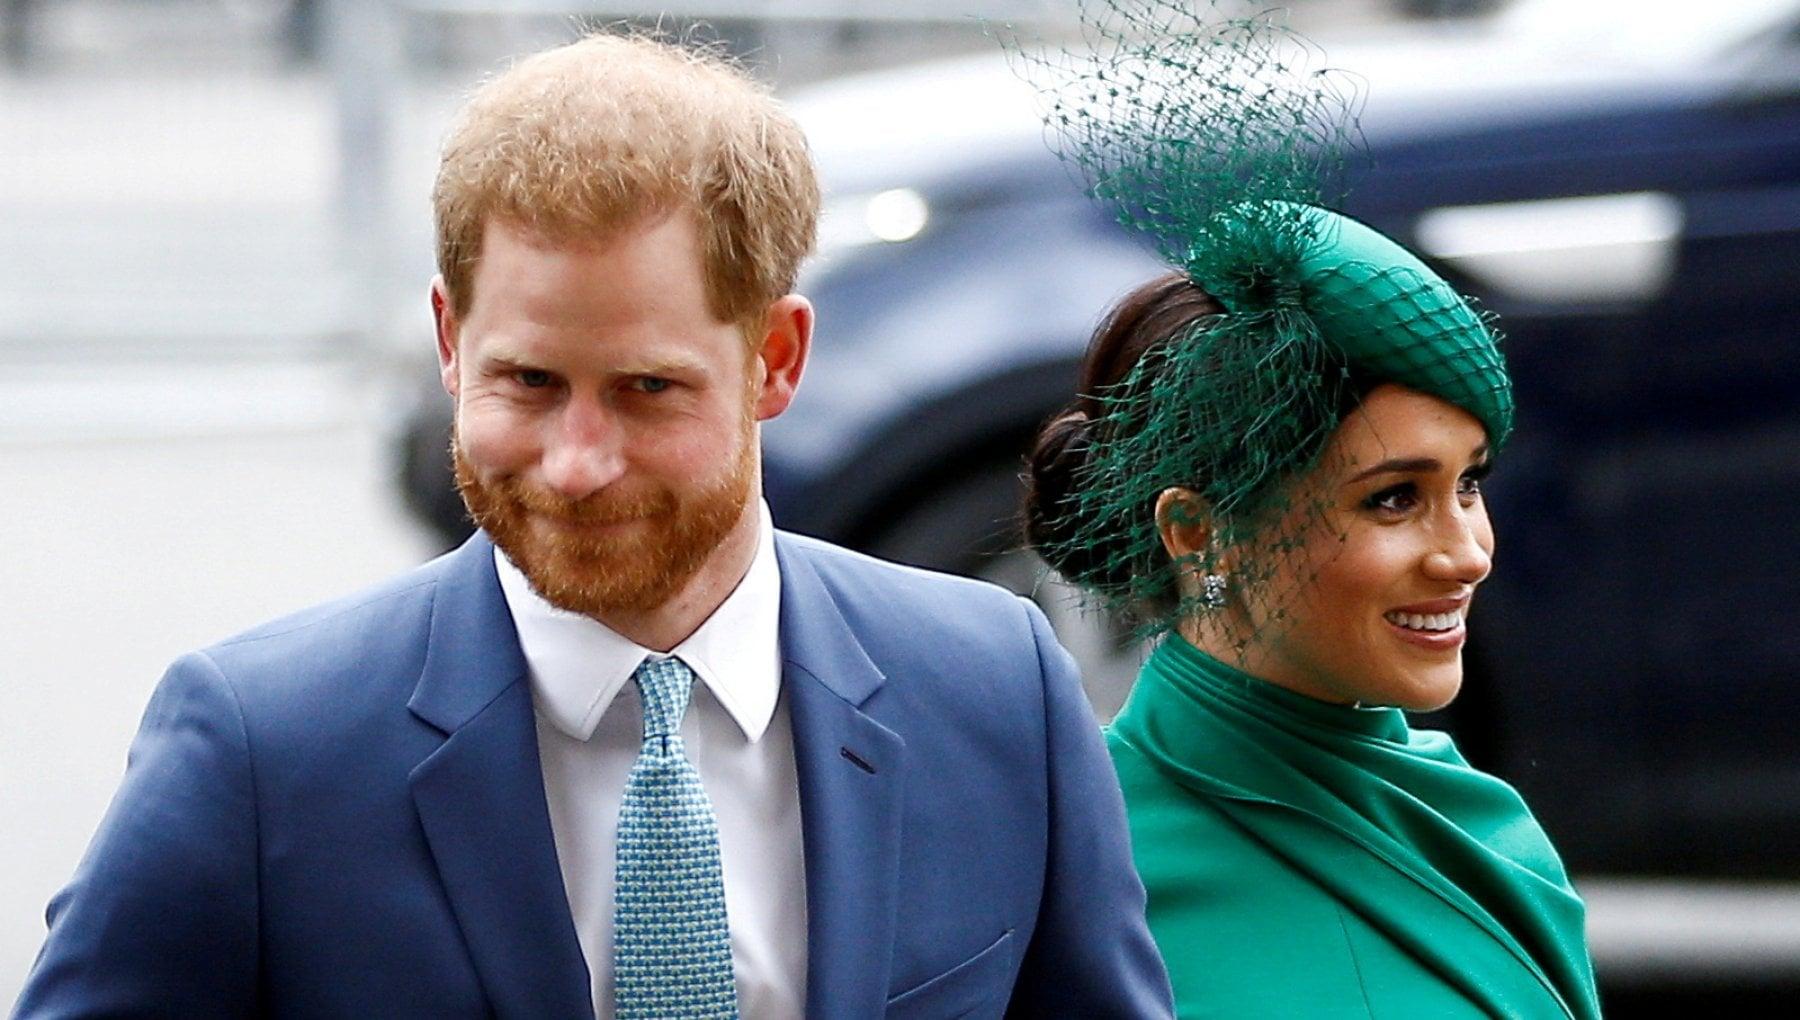 032904535 39ba9e3b 6dc5 4025 a345 5fa631262b8c - Il principe Harry insiste e denuncia la mancanza di empatia della sua famiglia